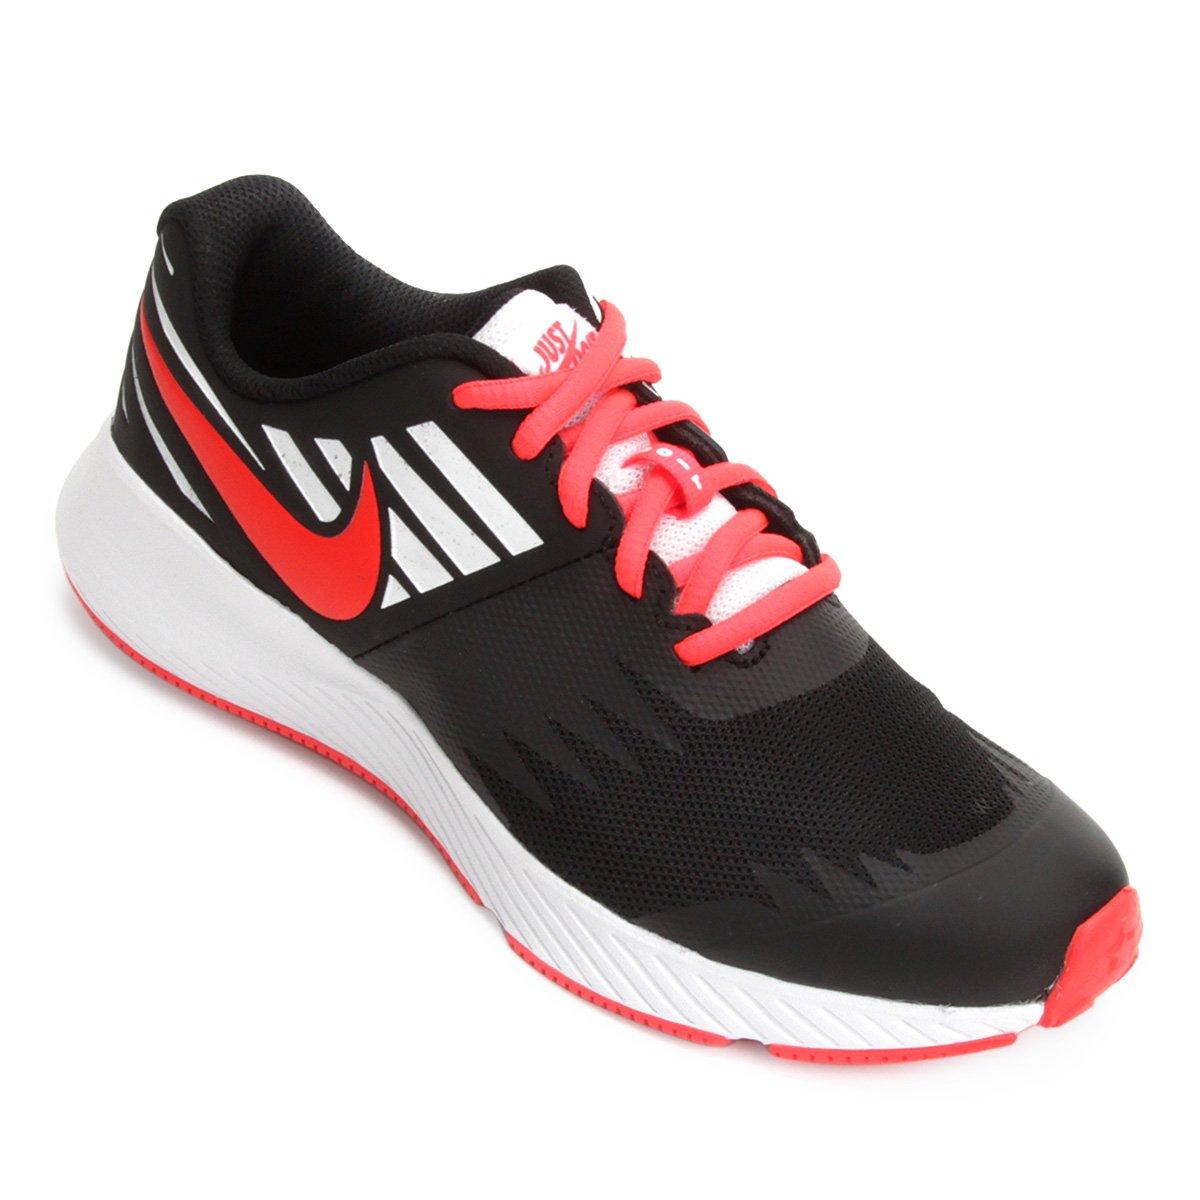 Tênis Nike Infantil Star Runner - Preto e Branco - Compre Agora ... 241908f25a12c